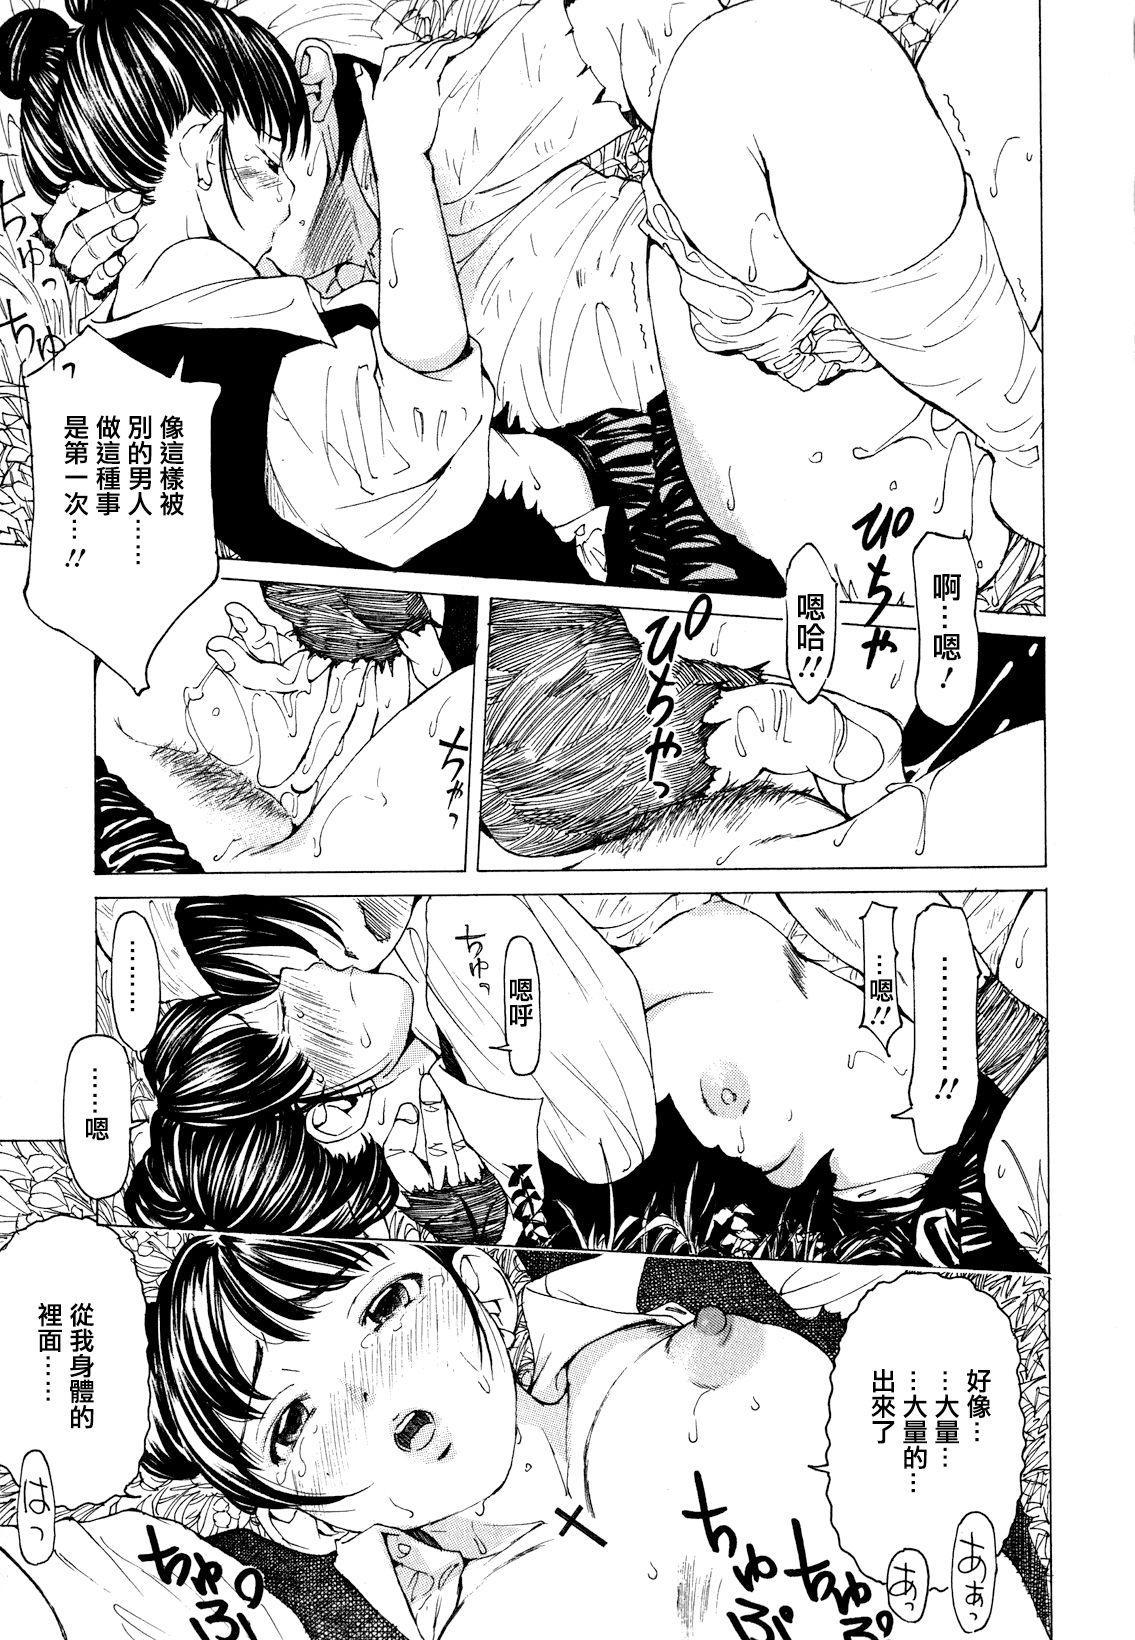 [Nohara Hiromi] Suhada-teki Bishoujo 1 -Watashi no Himitsu... Mitai? Hen- [Chinese] [紫色老太婆个人汉化] 191